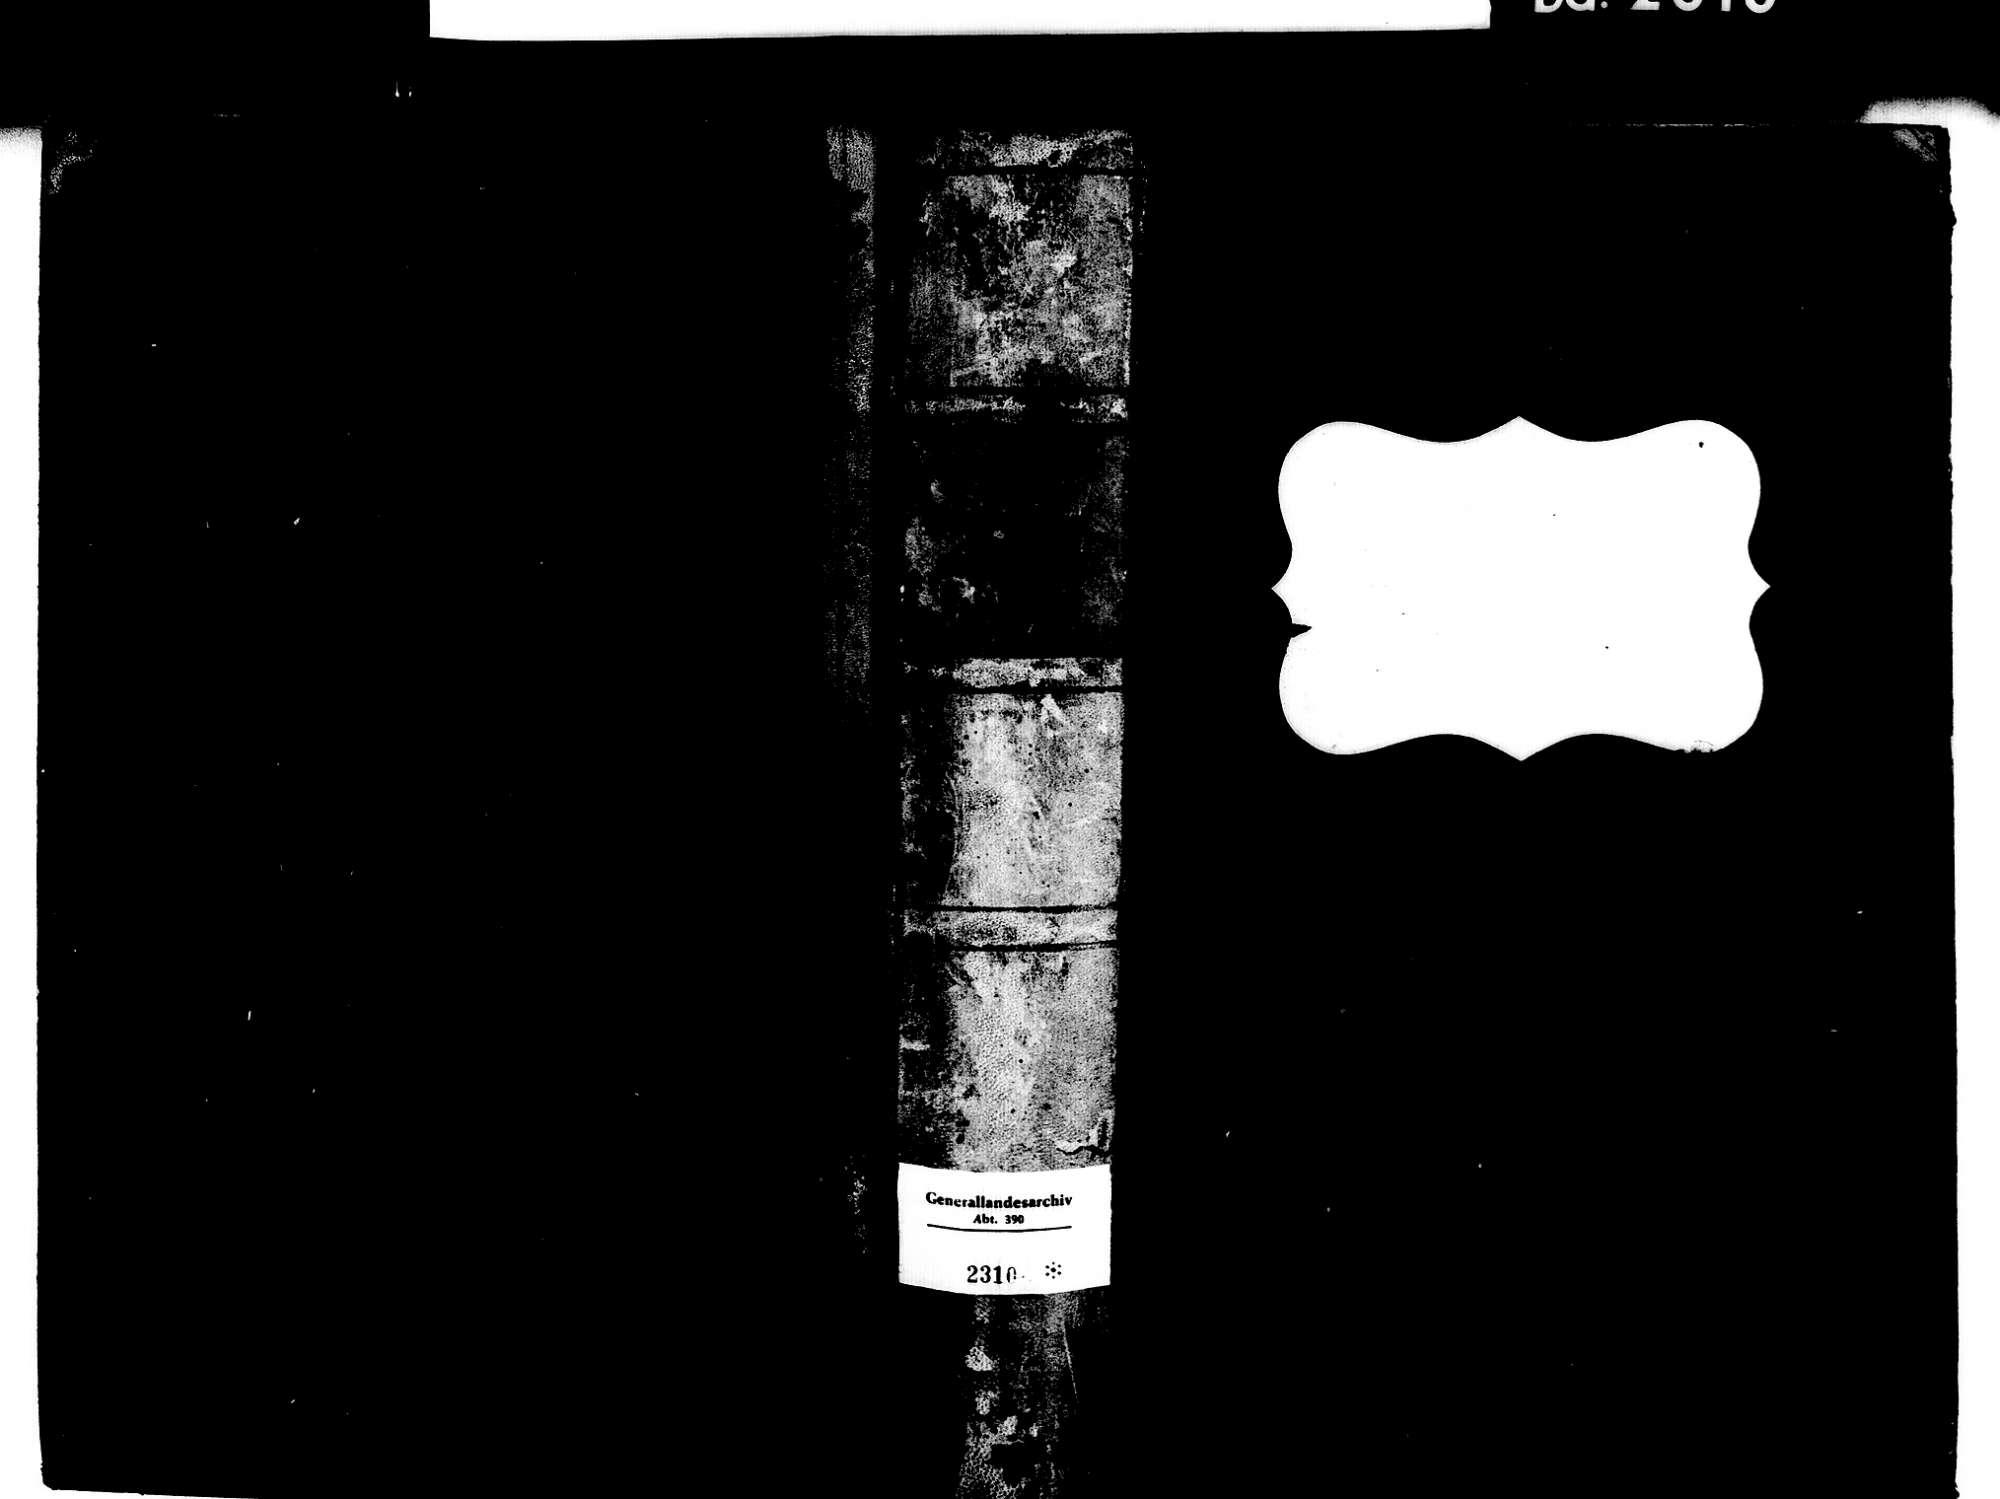 Herbolzheim EM; Evangelische Gemeinde: Sterbebuch 1810-1835 Herbolzheim EM; Katholische Gemeinde: Sterbebuch 1810-1835, Bild 1